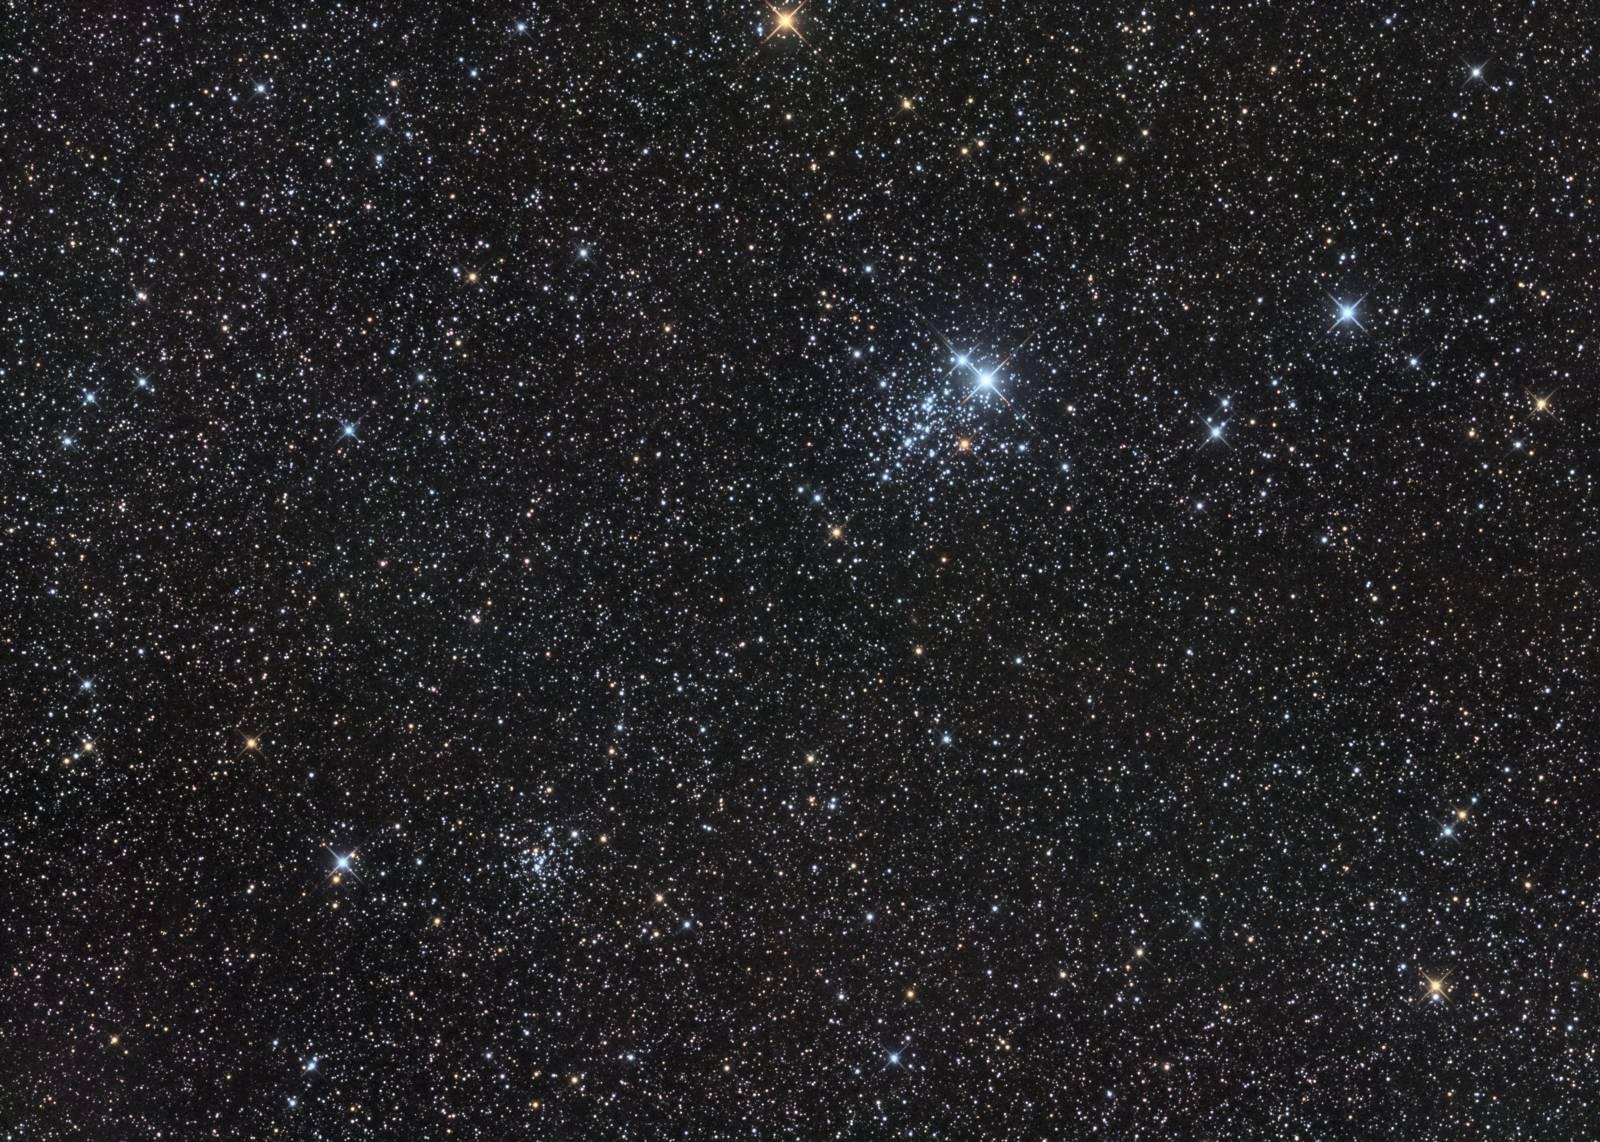 NGC457 and NGC436